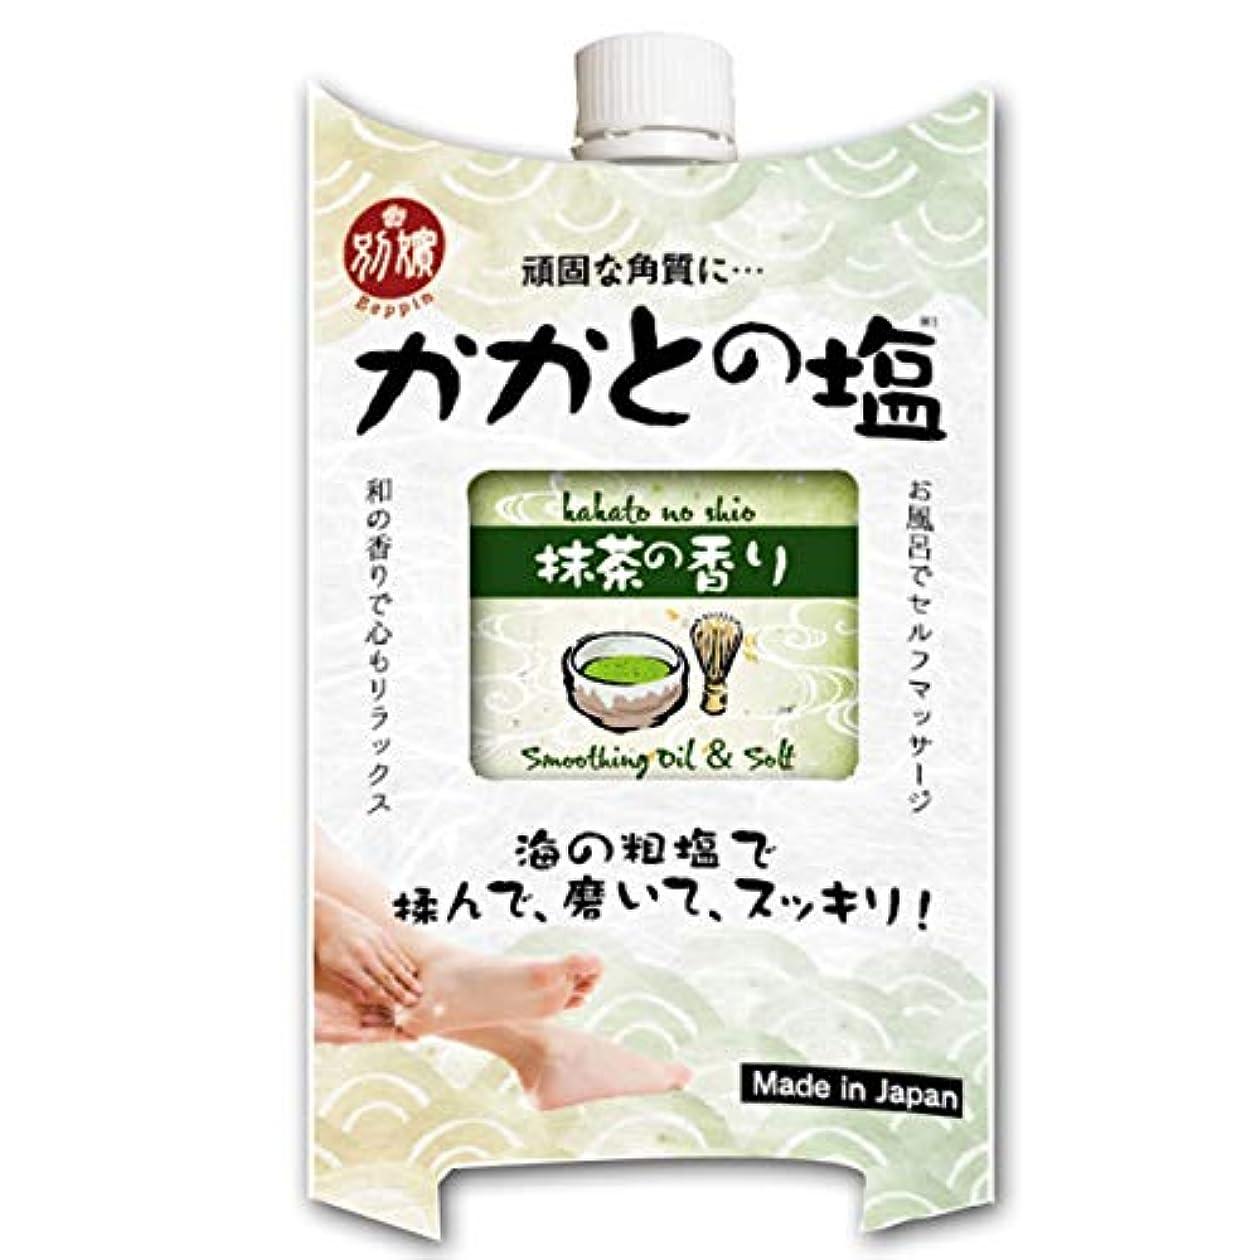 ファン関係するカポック[ドットジャパン] 溶かさない 角質ケア 角質取り かかとの塩 お風呂でセルフマッサージ 日本製 (抹茶)